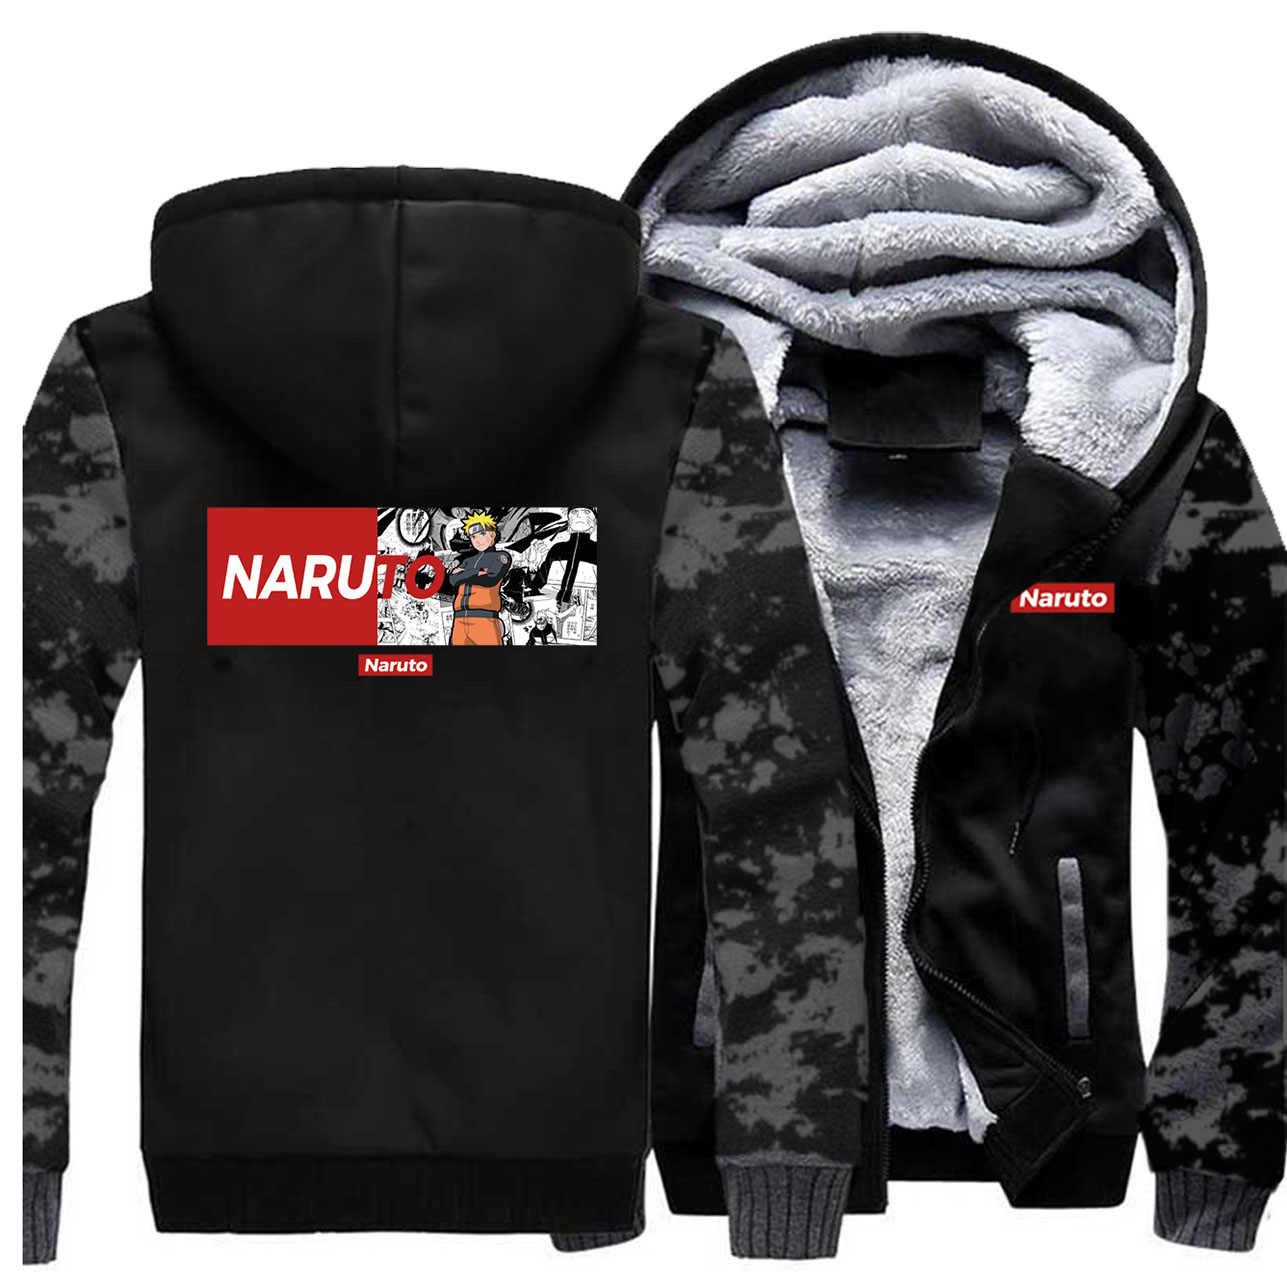 ナルト Boruto 男性コートうちはイタチうずまきサスケ我愛羅迷彩パーカー秋の日本アニメヒップホッププラスサイズストリート